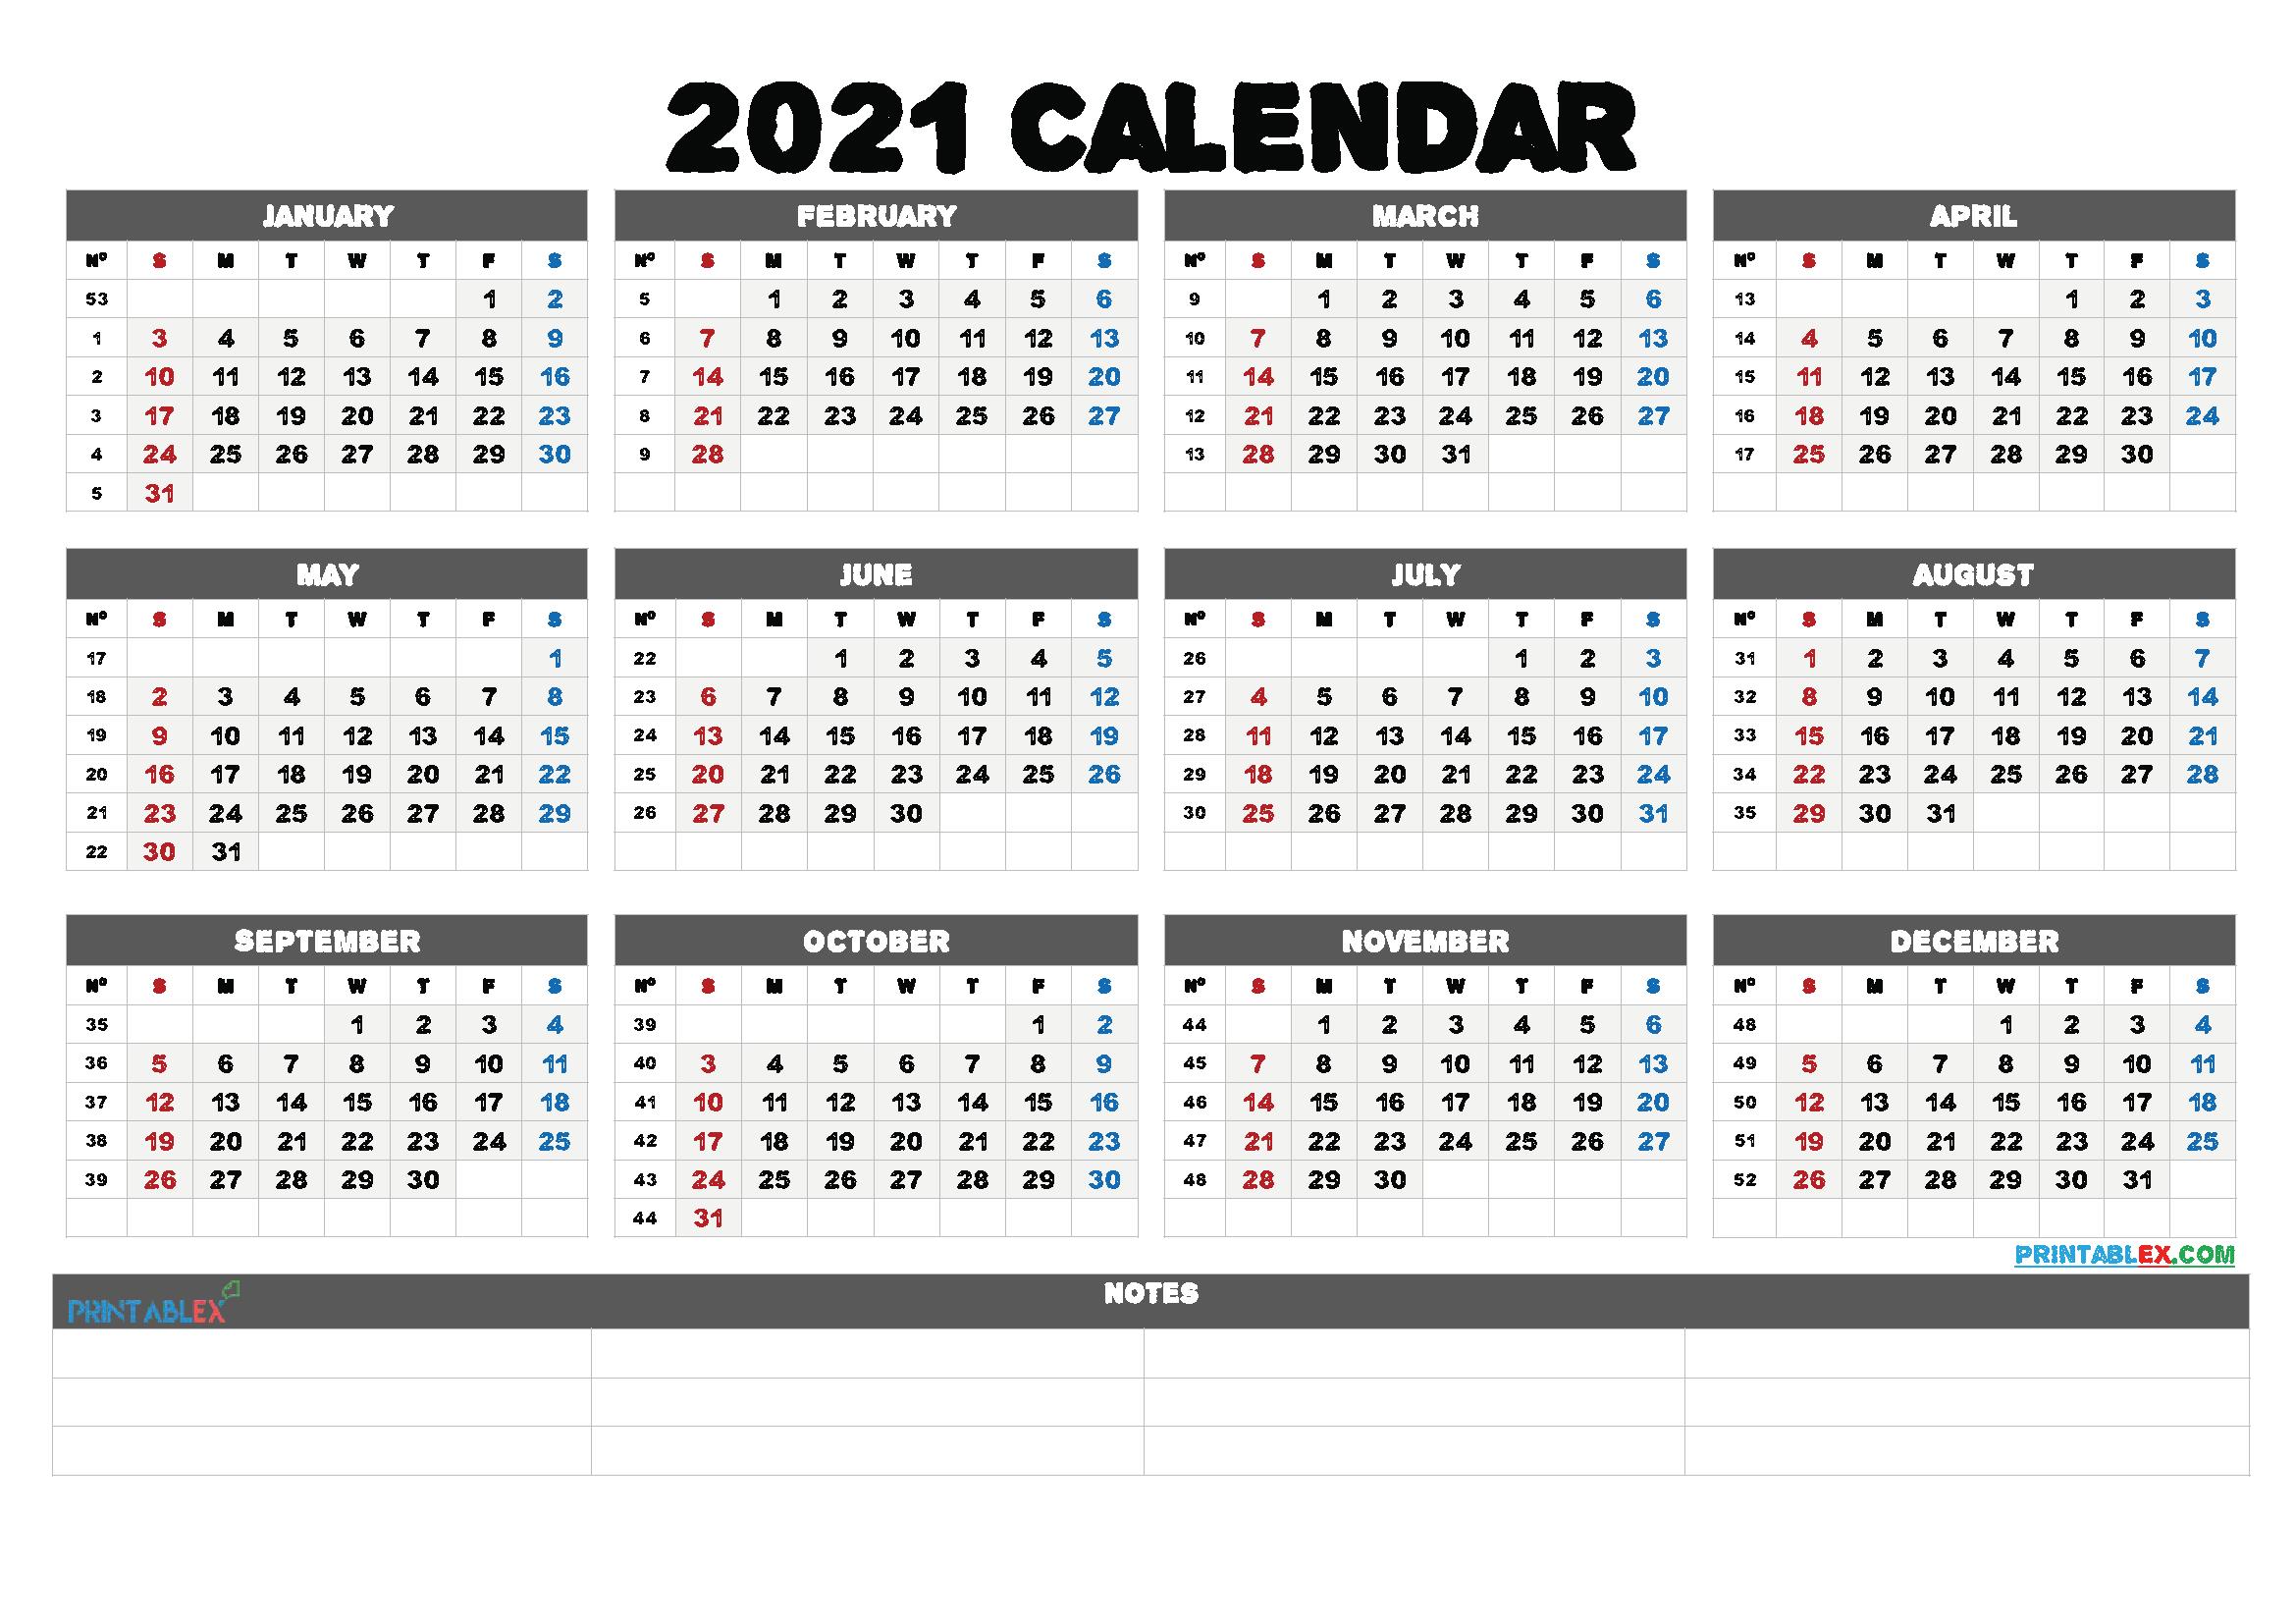 Calendarweek Number 2021 | Calendar 2021 Weekly Numbered 52 Week Calendar Printable